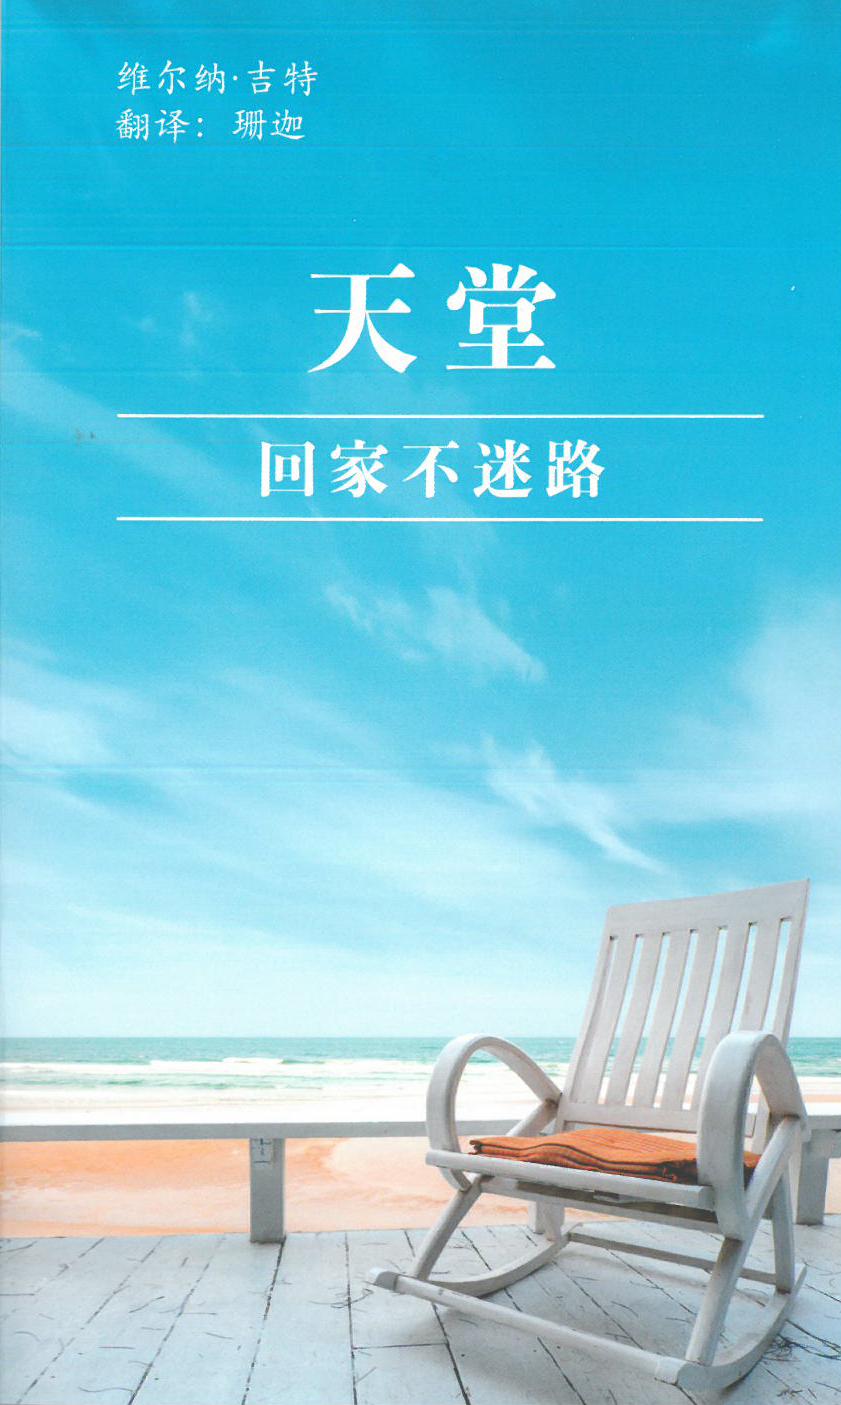 Chinesisch: Der Himmel – Ein Platz auch für Dich?